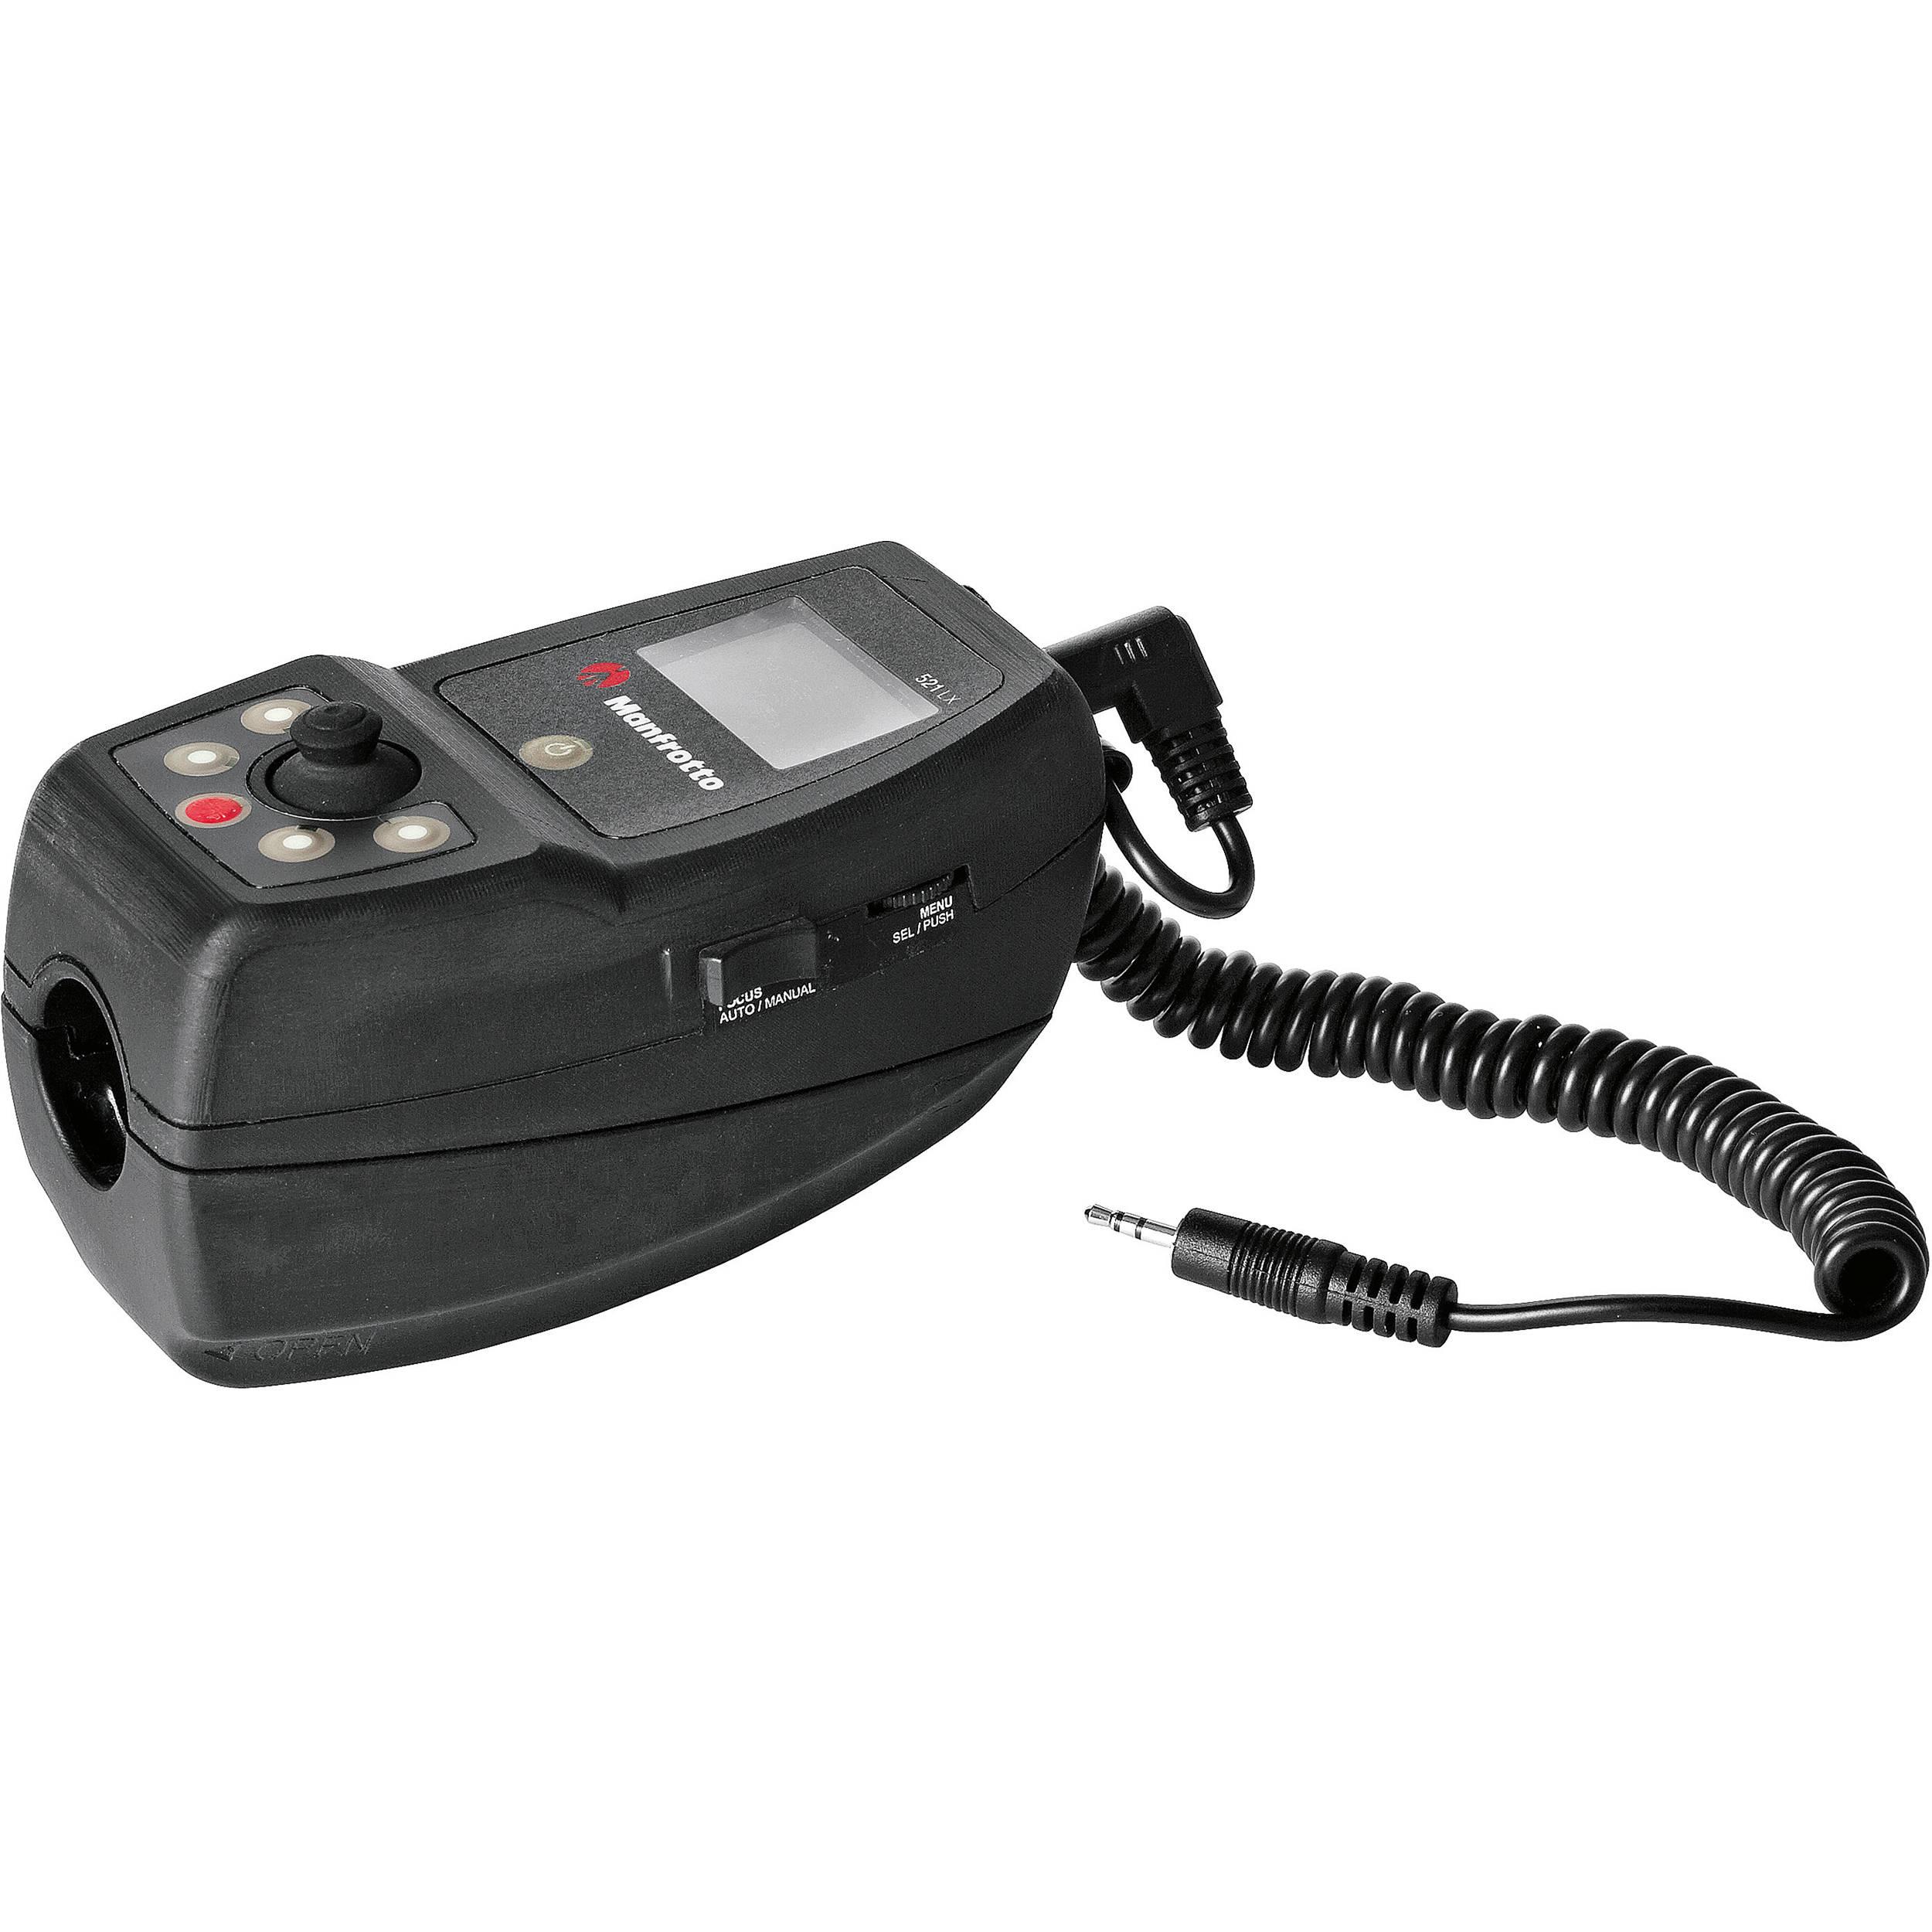 Camcorder Remote Controls